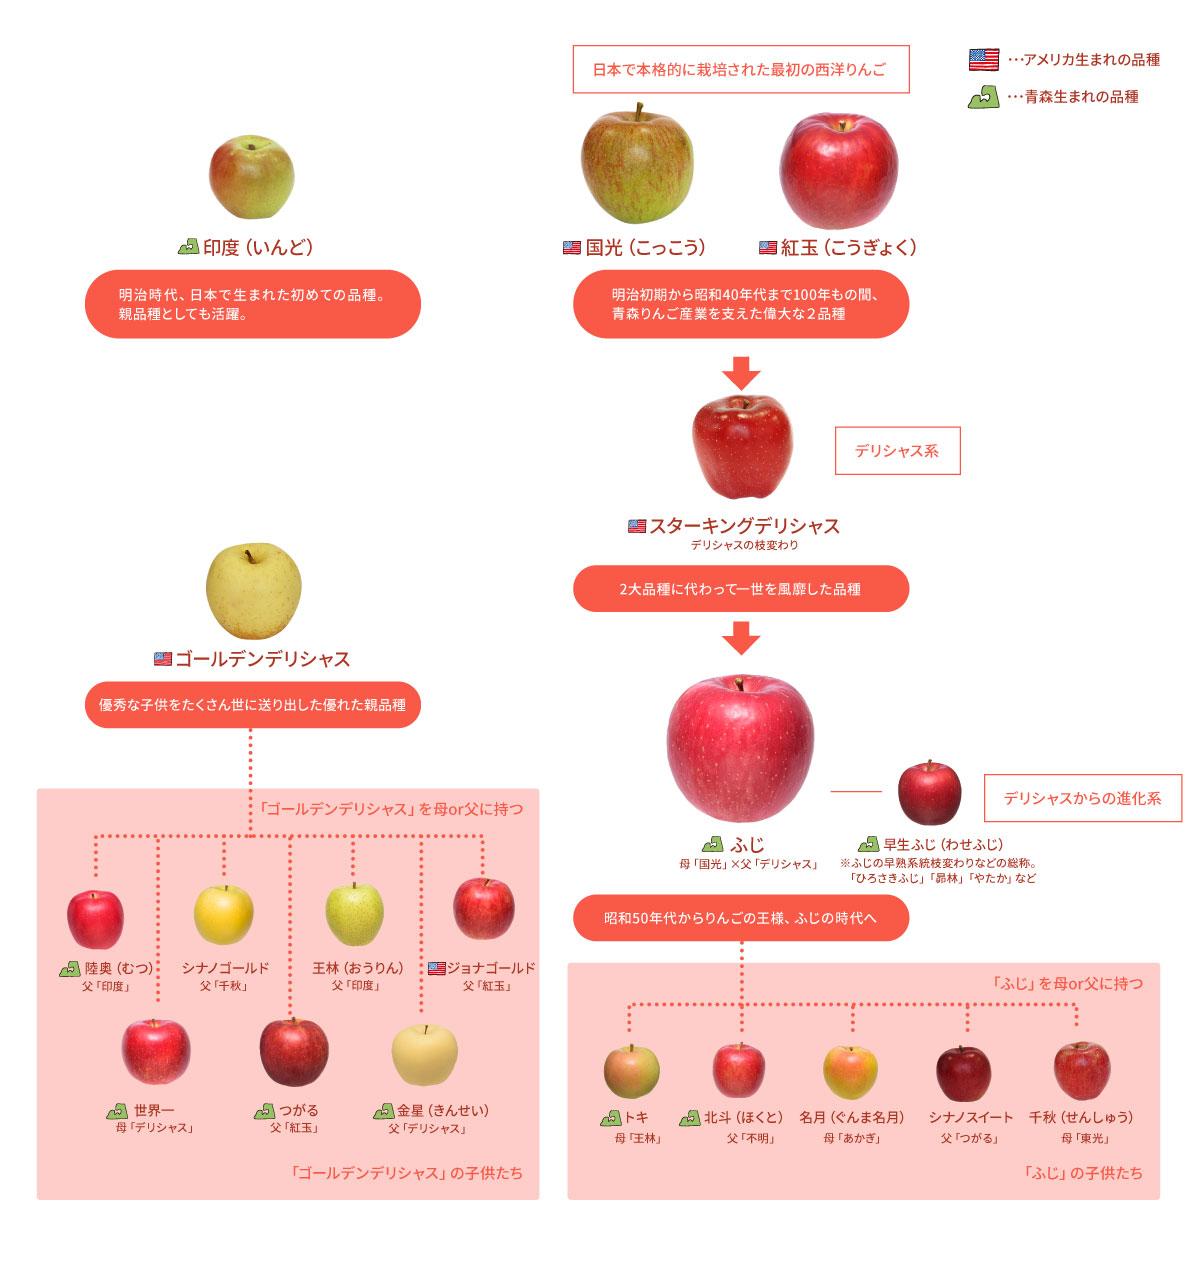 青森りんご主力品種 系譜早わかり図